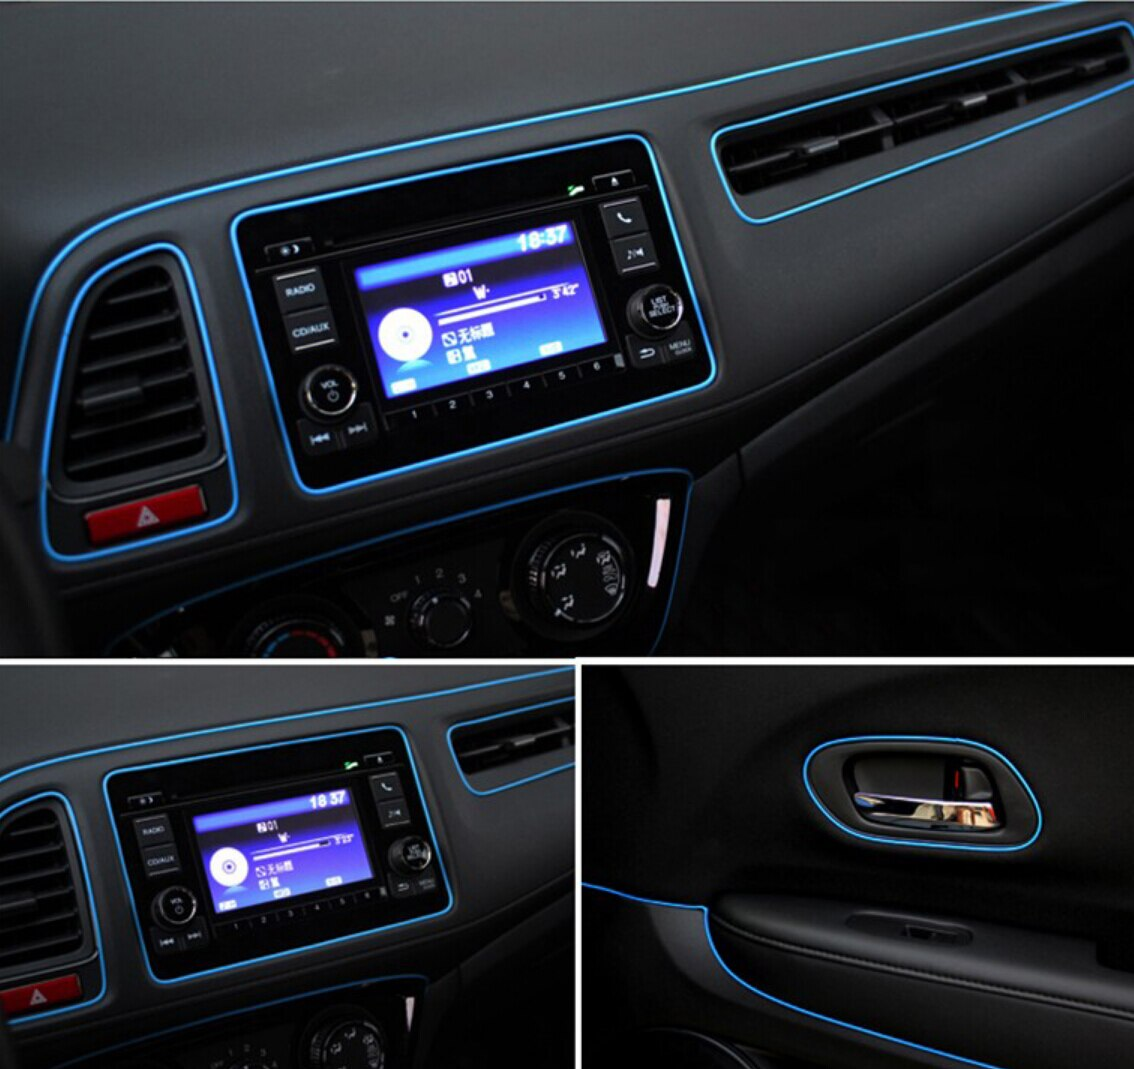 [해외]Car-styling Dashboard Sticker Trim Strips for opel astra opel vectra b octavia 2 zafira b citroen xsara picasso/Car-styling Dashboard Sticker Trim